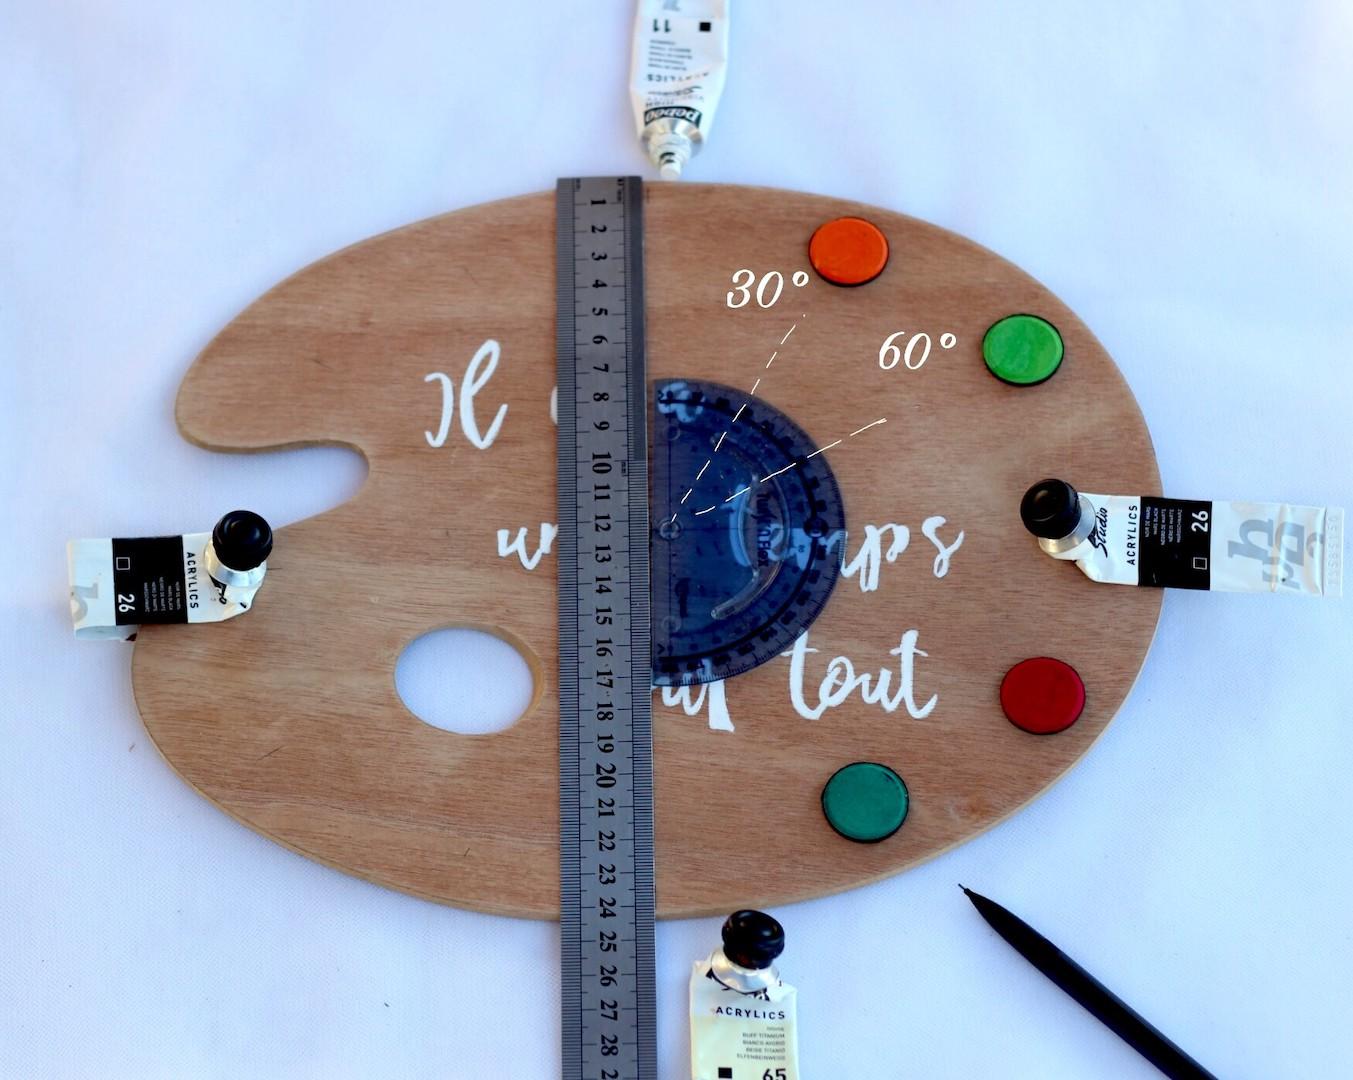 Troisième étape du diy pour réaliser une horloge